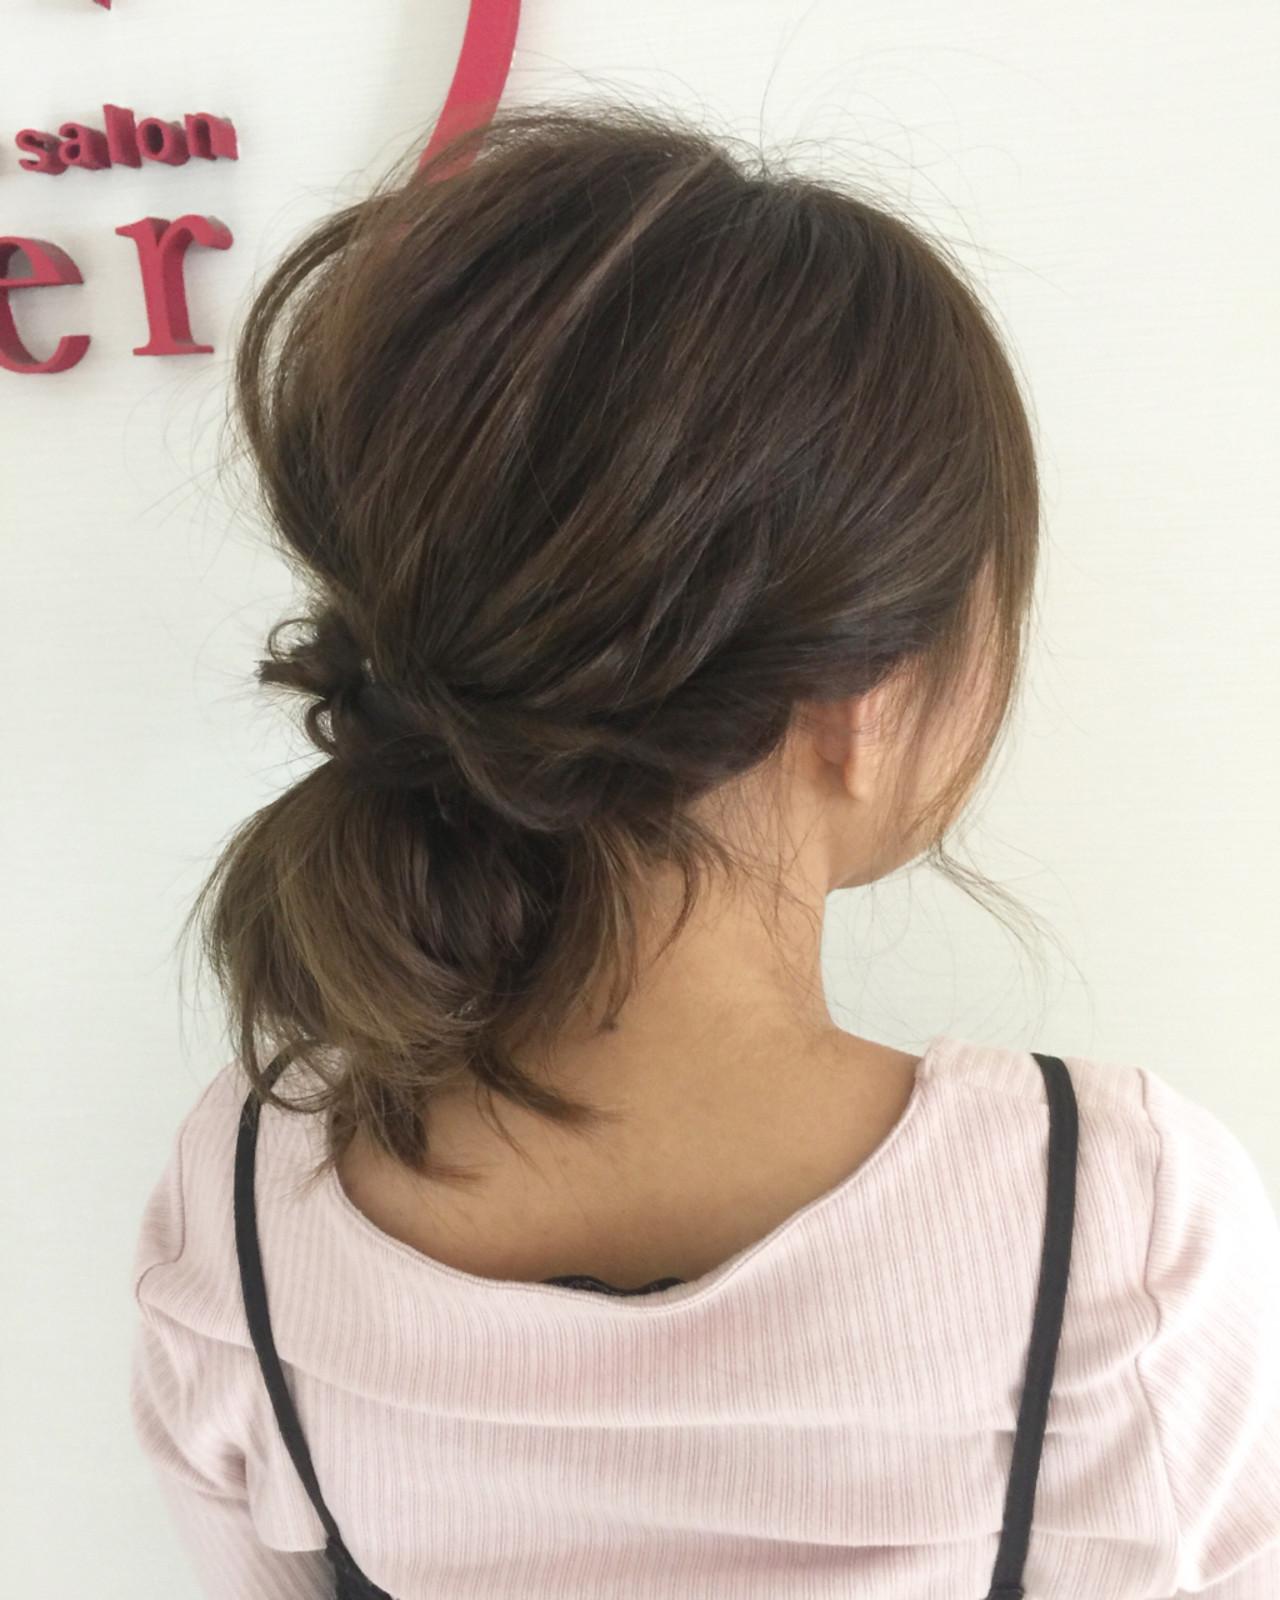 ルーズ ヘアアレンジ お団子 セミロング ヘアスタイルや髪型の写真・画像